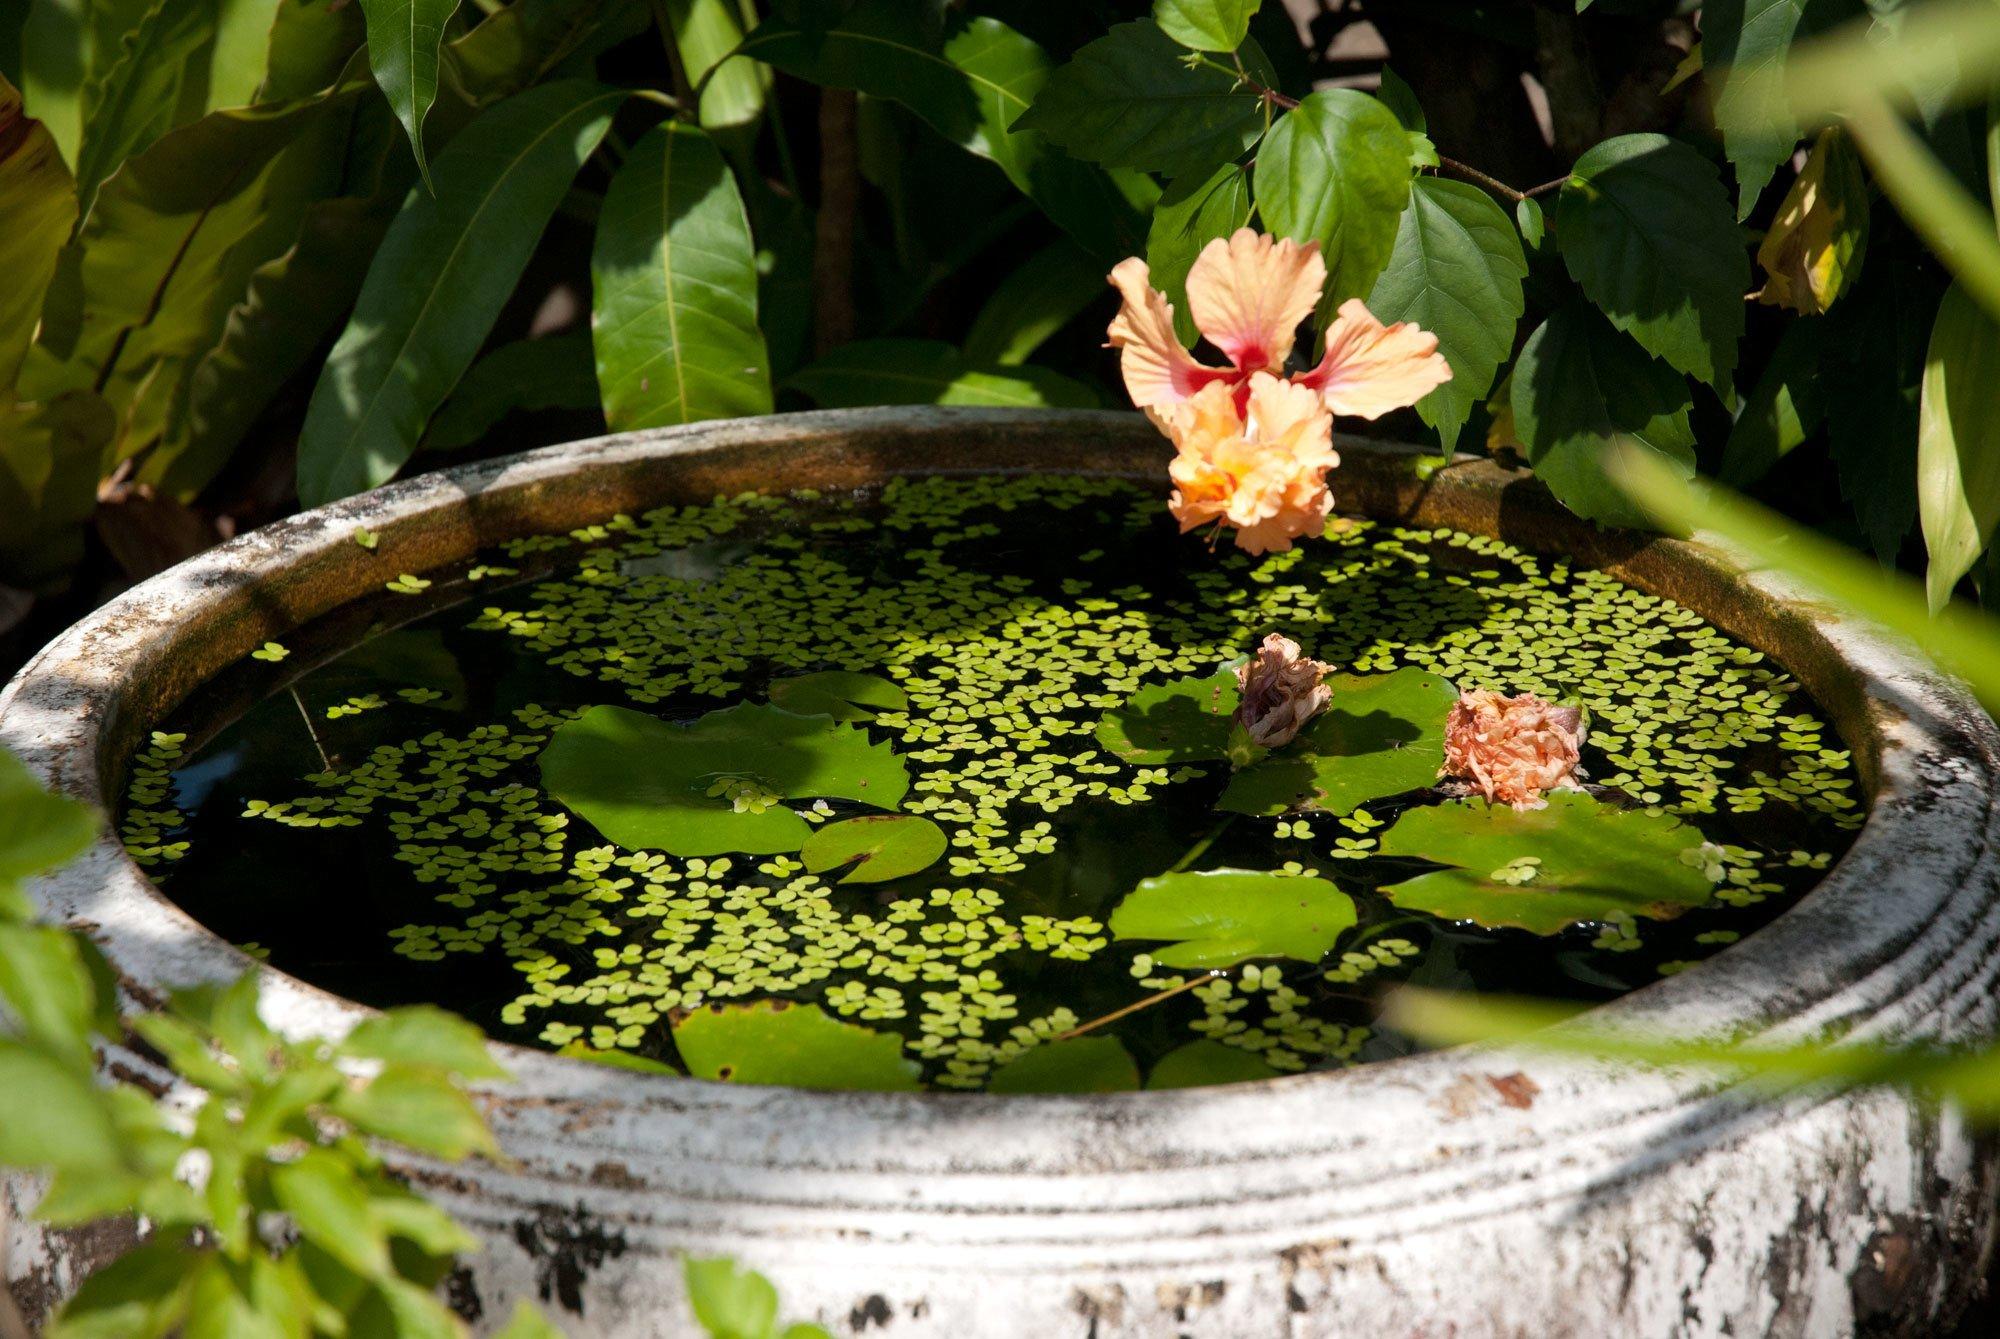 DIY Mini Teich Im Topf Und Noch Viele Tolle Gartenideen Für Wenig Geld  Finden Sie